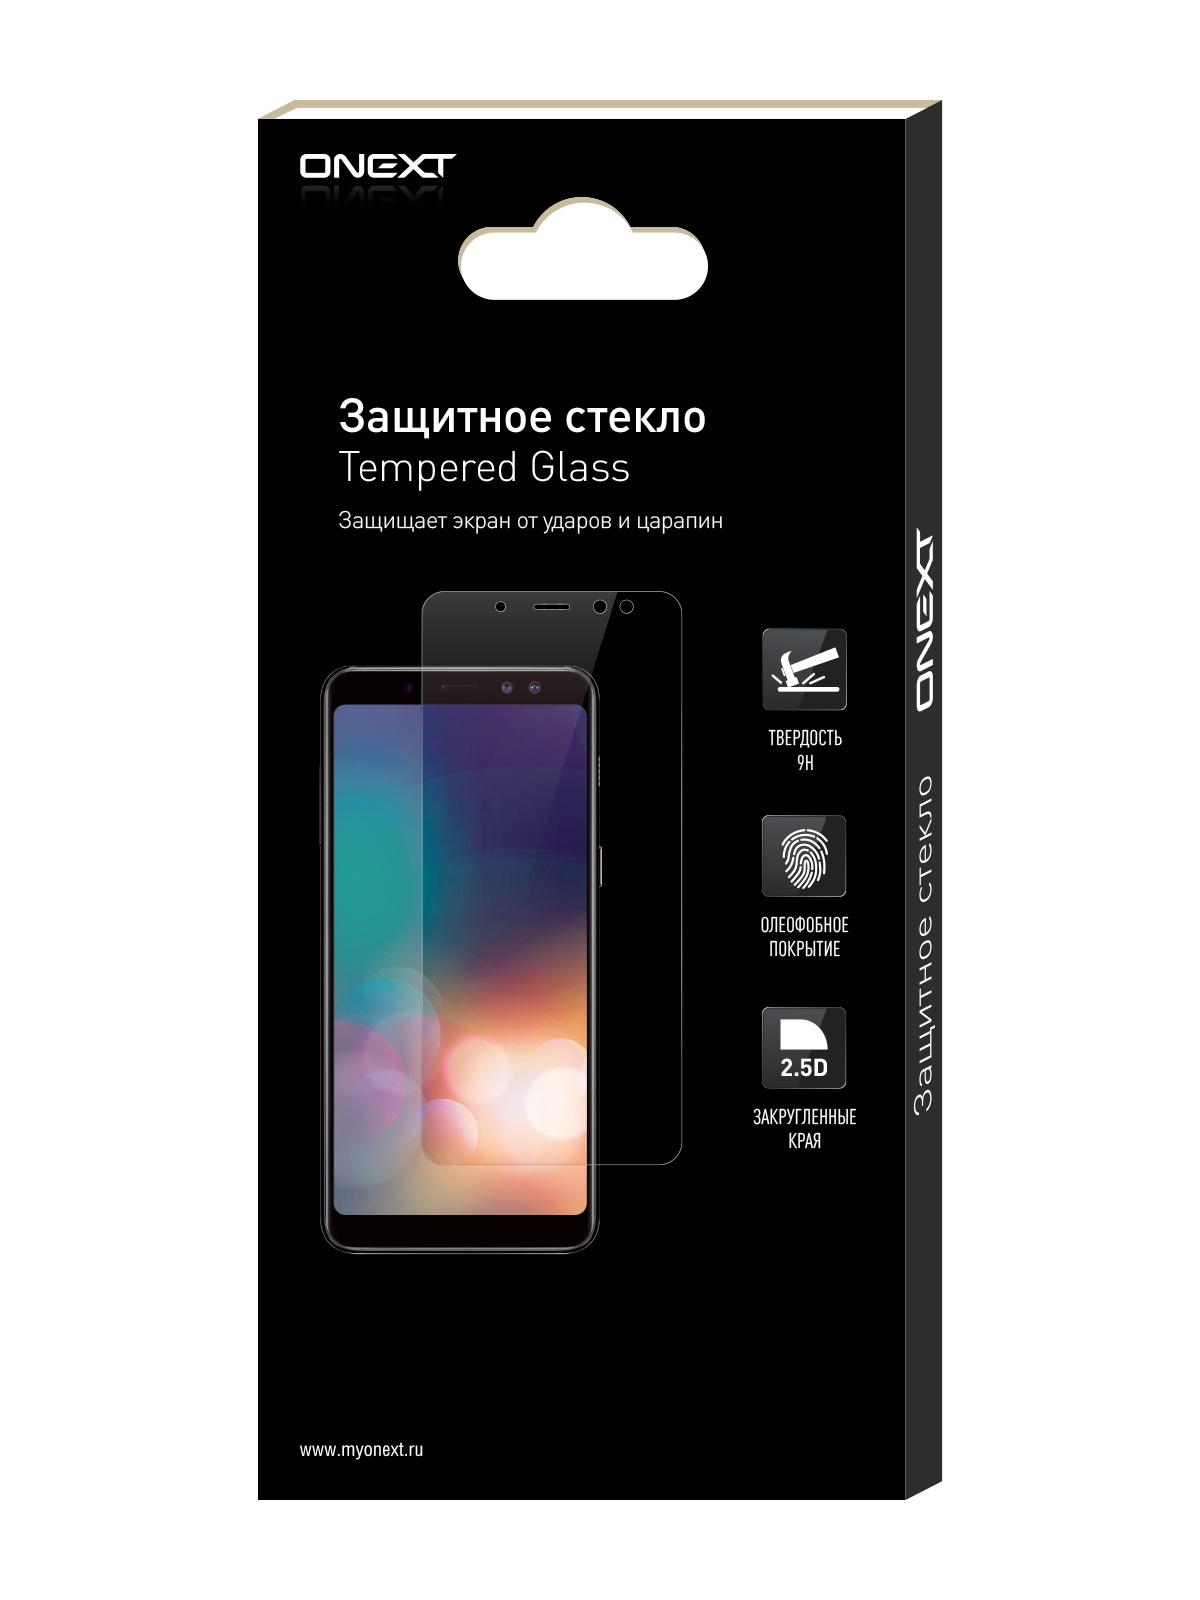 Защитное стекло ONEXT LG G4 Stylus цена и фото